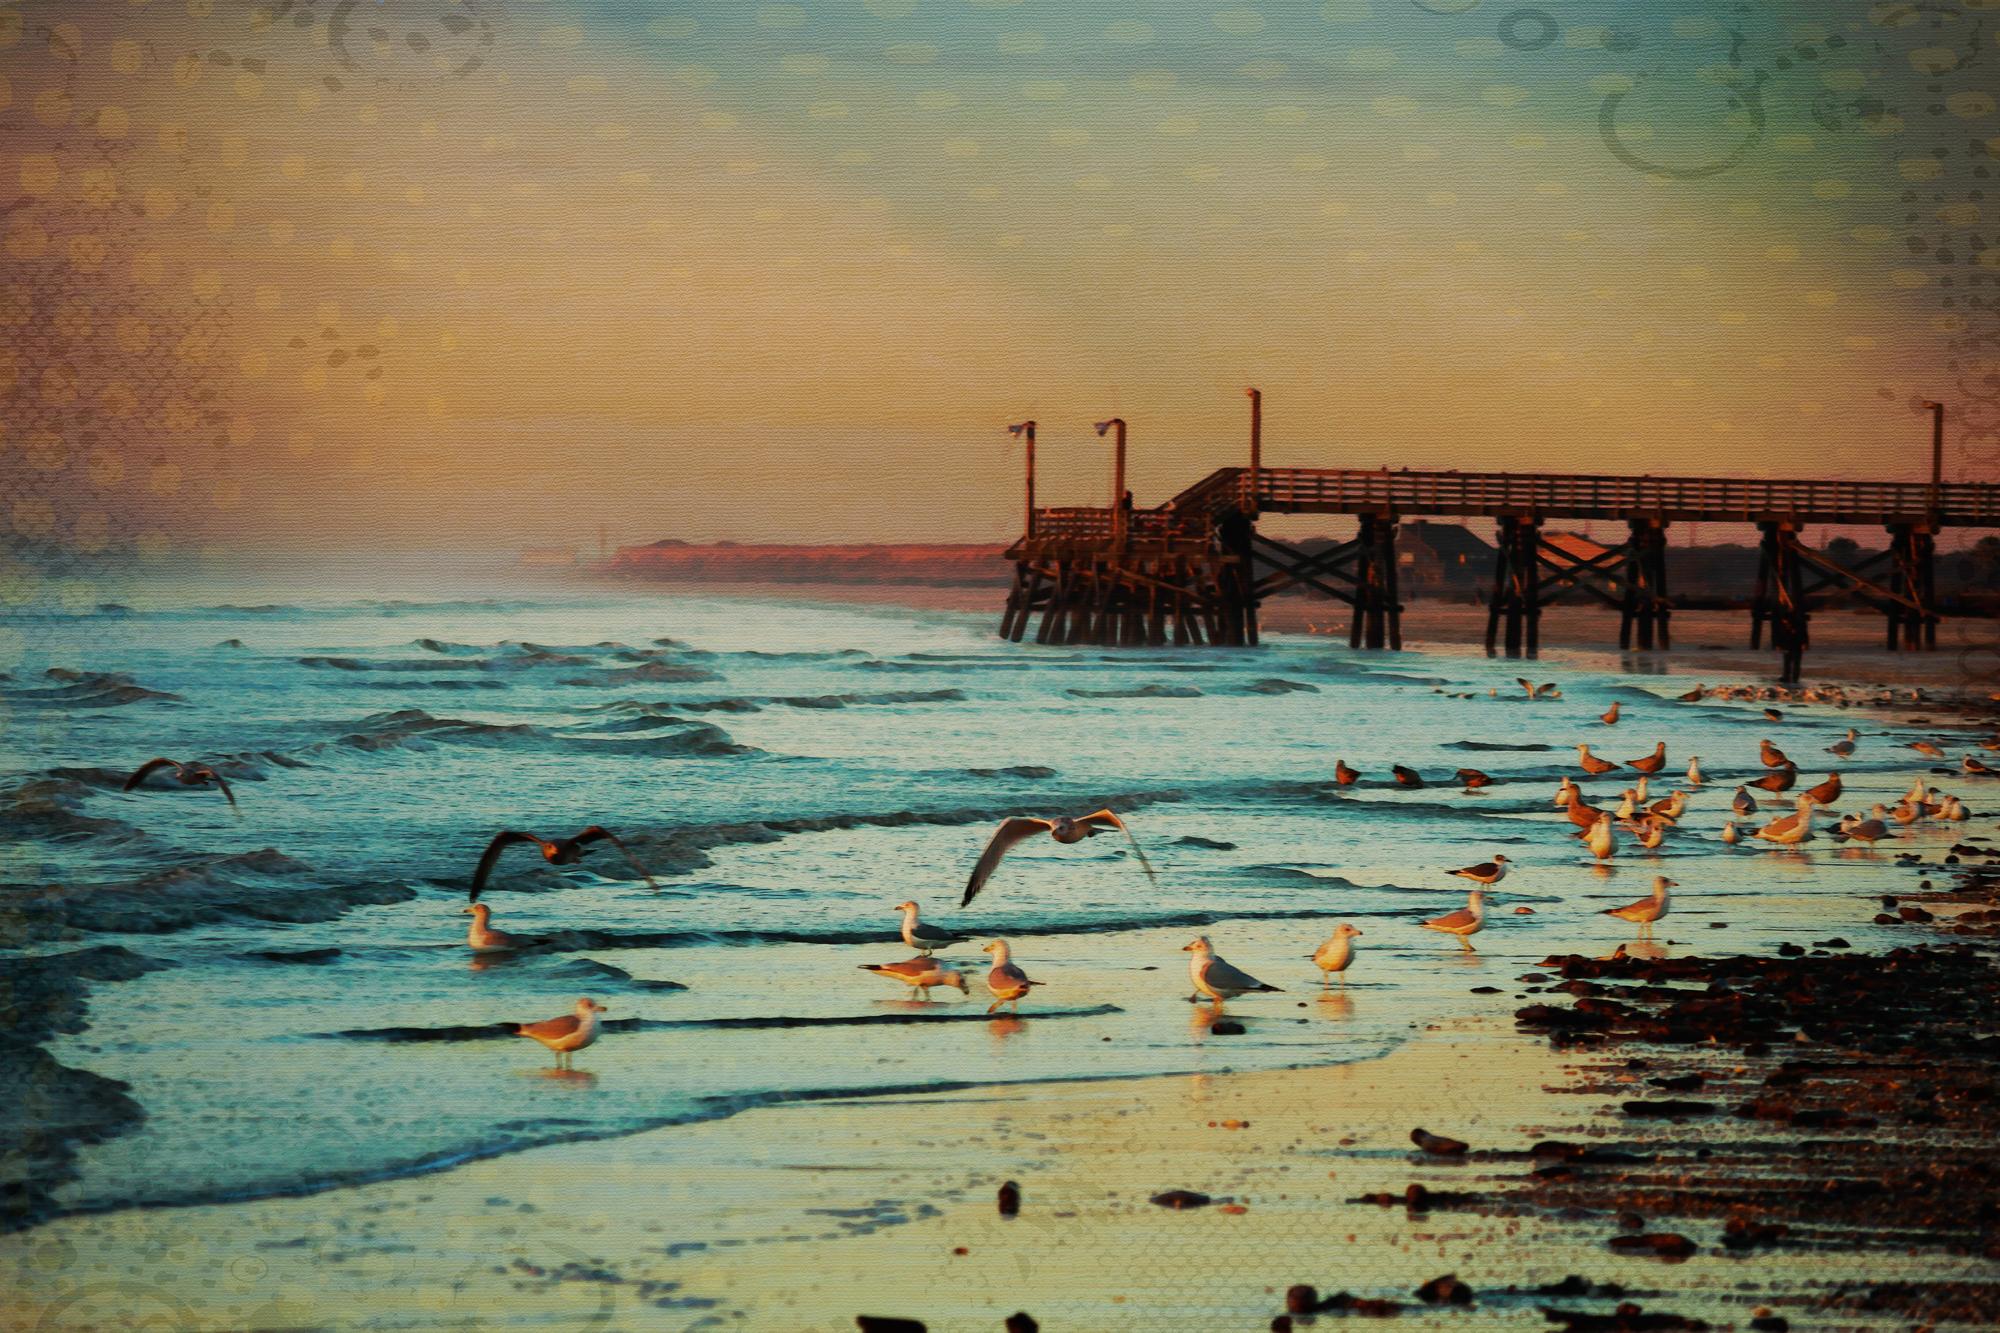 Beach-1-224.jpg